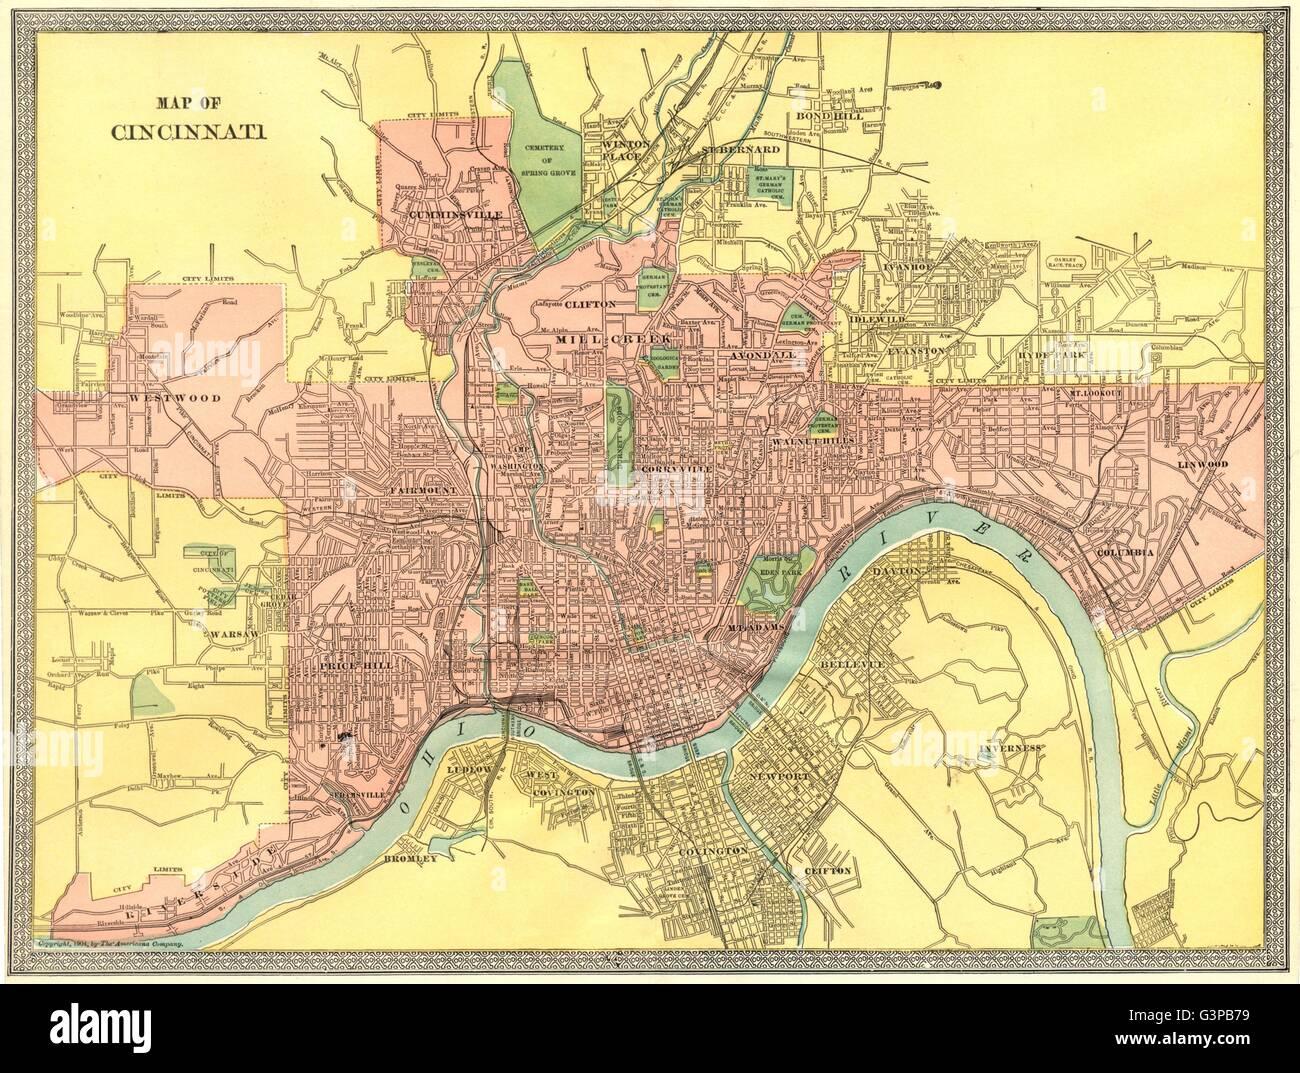 Cincinnati Ohio Map Stock Photos & Cincinnati Ohio Map Stock Images on